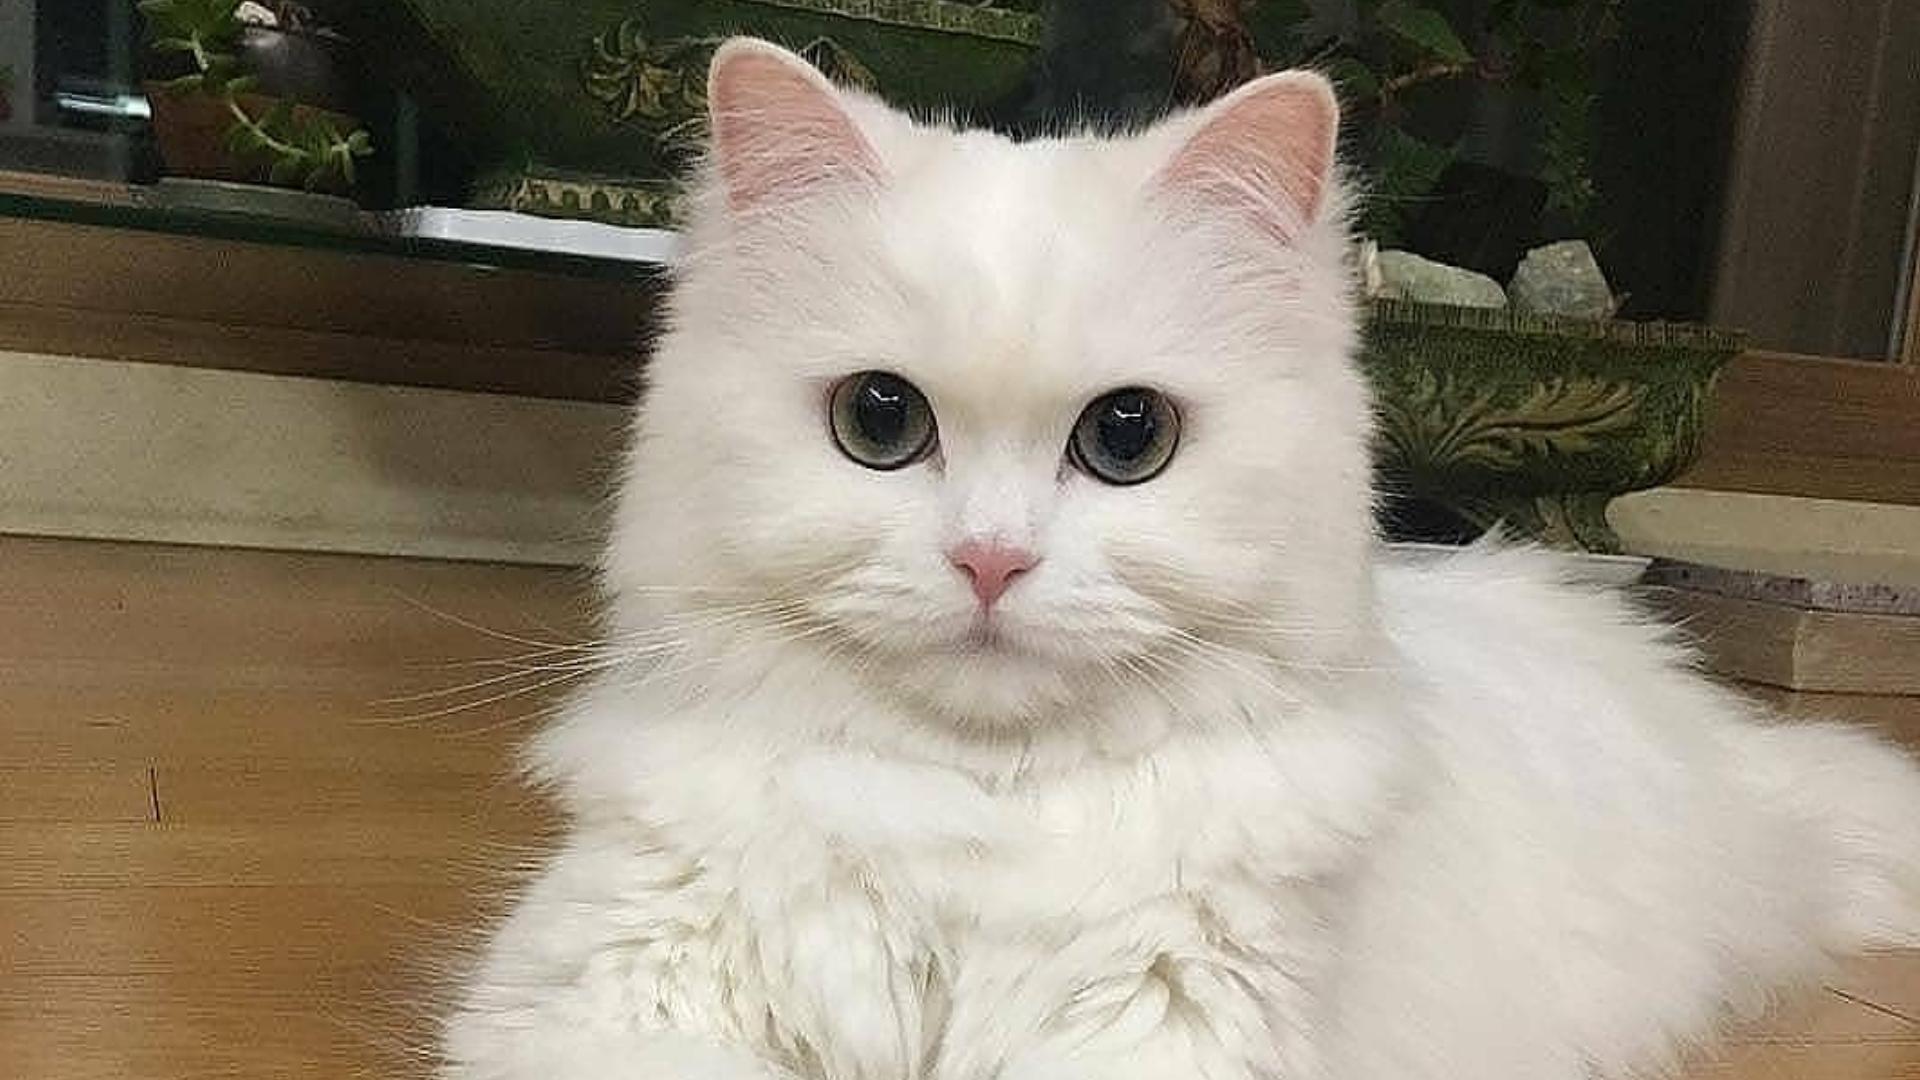 Estudio confirma que los gatos sí reconocen su nombre, pero prefieren ignorarte